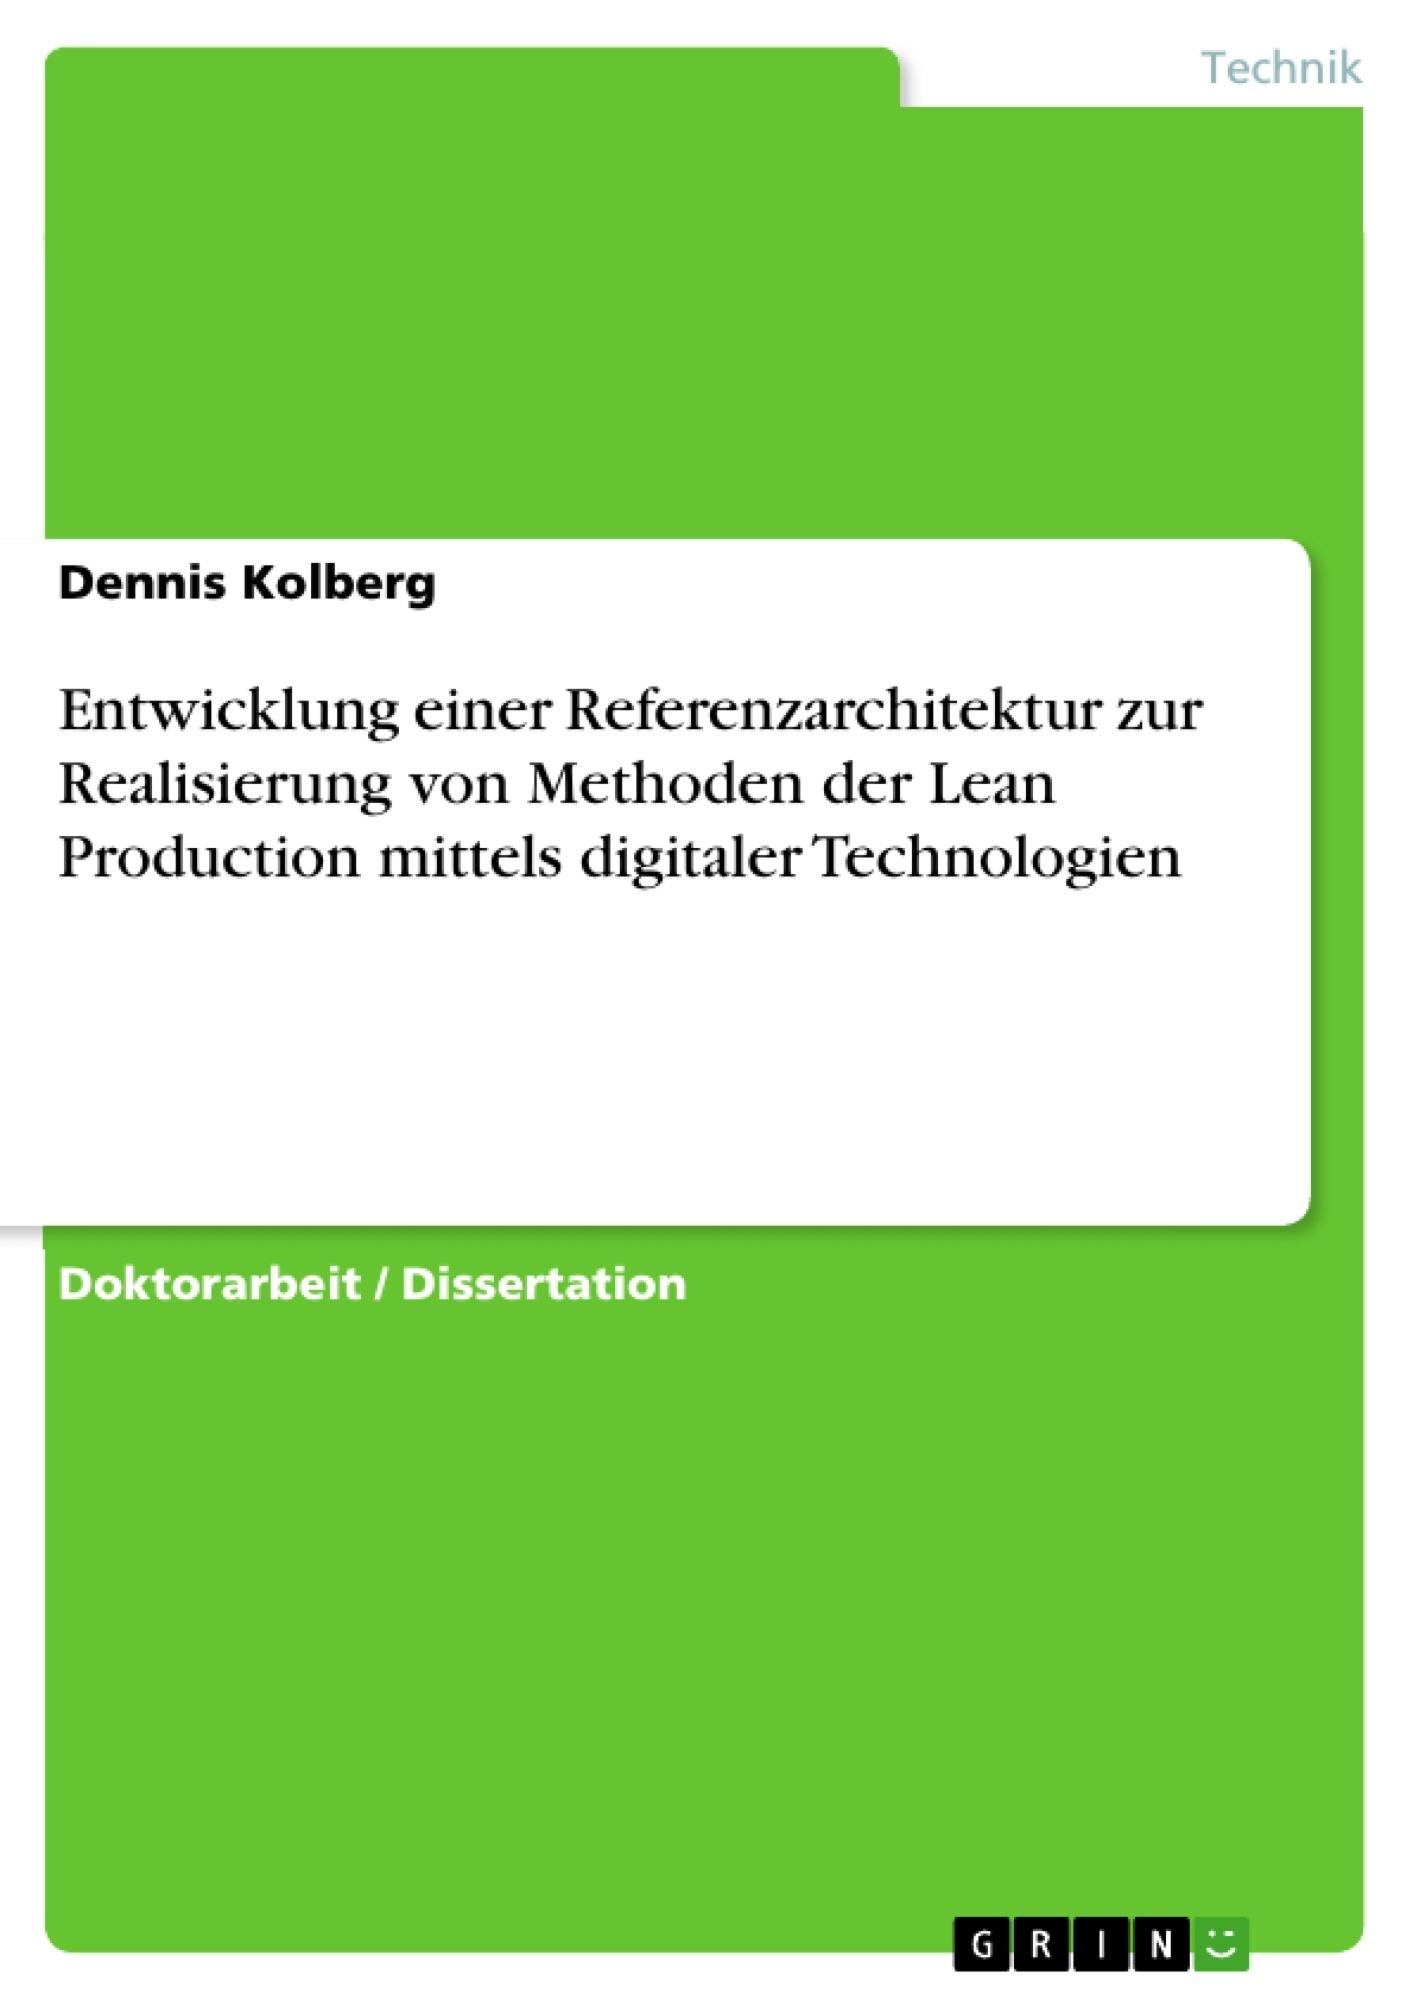 Titel: Entwicklung einer Referenzarchitektur zur Realisierung von Methoden der Lean Production mittels digitaler Technologien